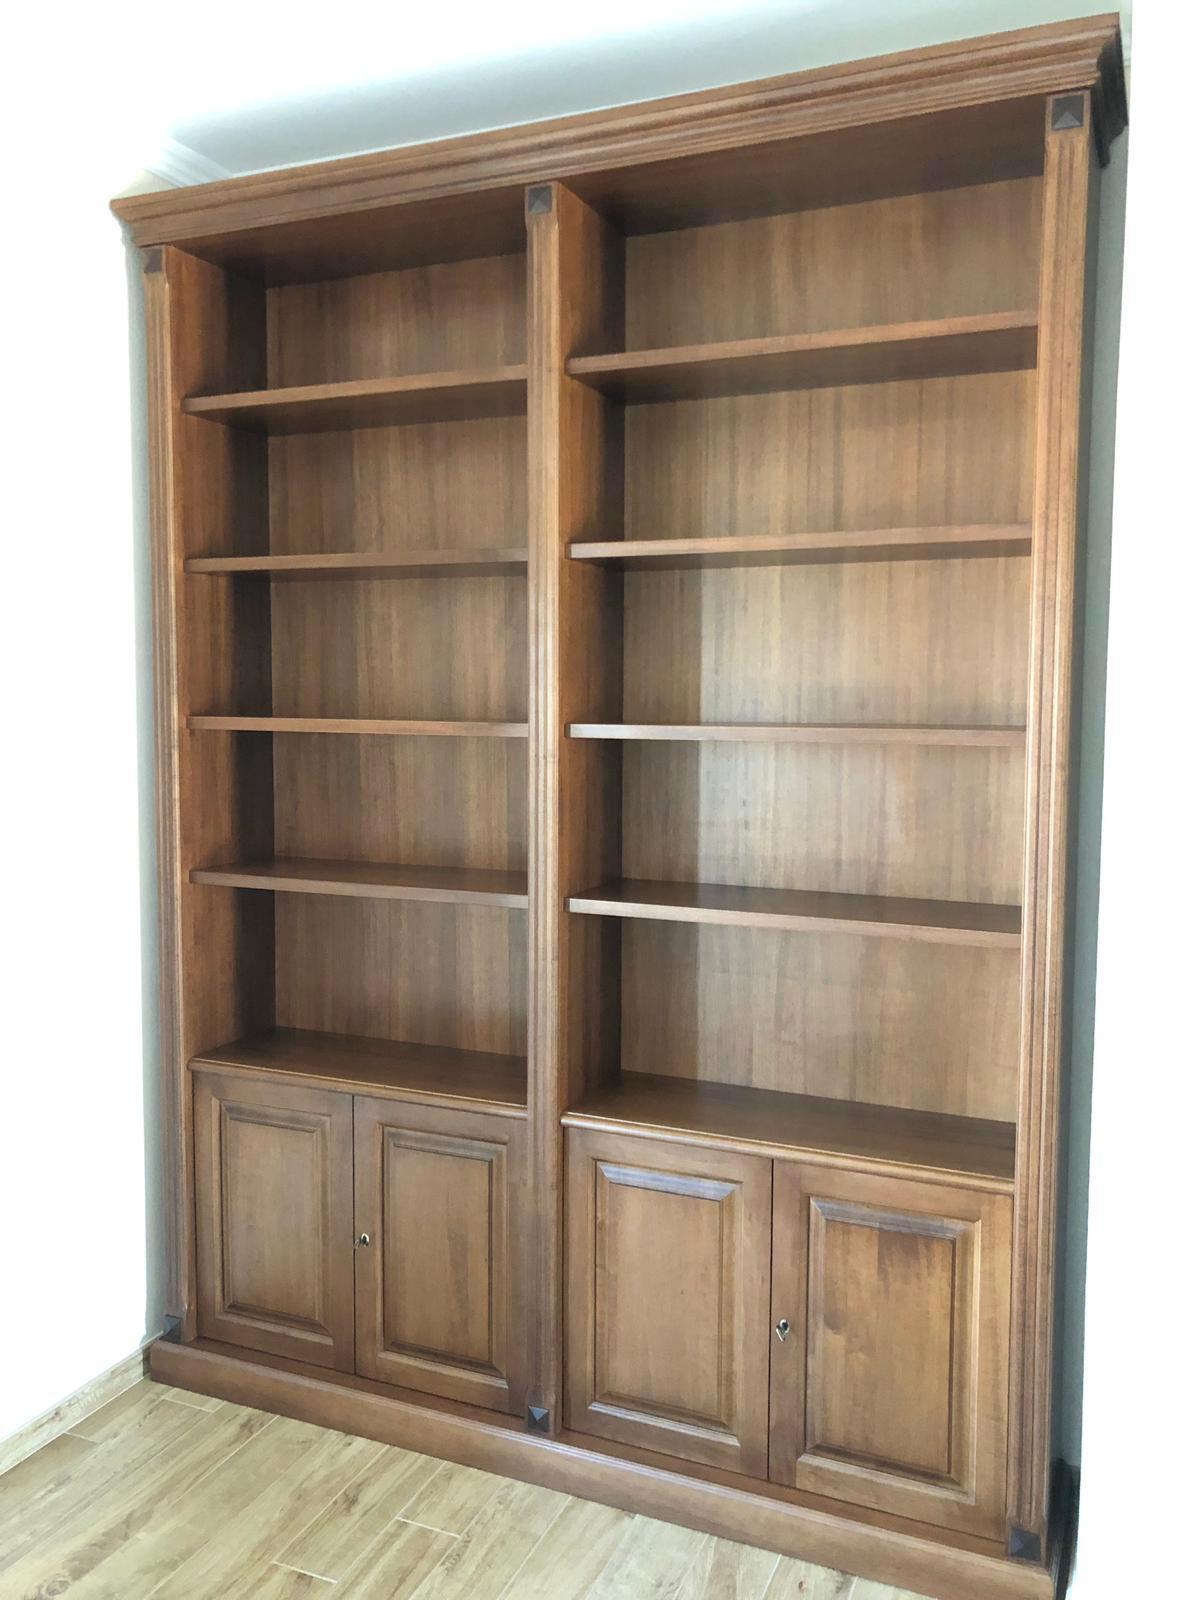 librerie a muro in legno ESCAPE='HTML'